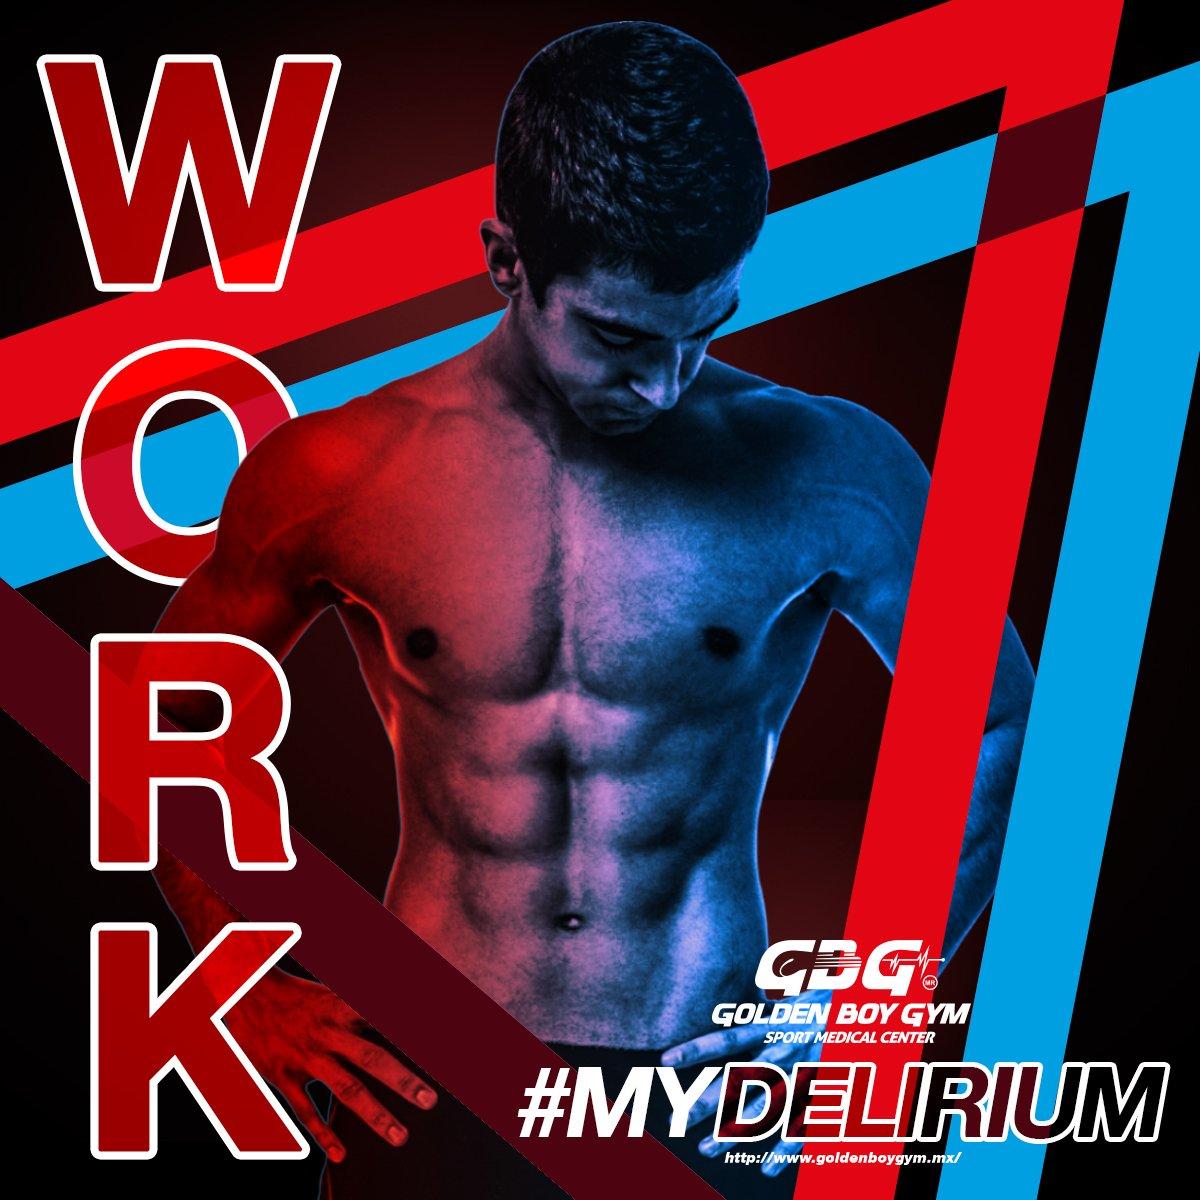 Lo que con mucho trabajo se adquiere, más se ama. #MyDelirium #ActitudGolden https://t.co/GppKKDHzct